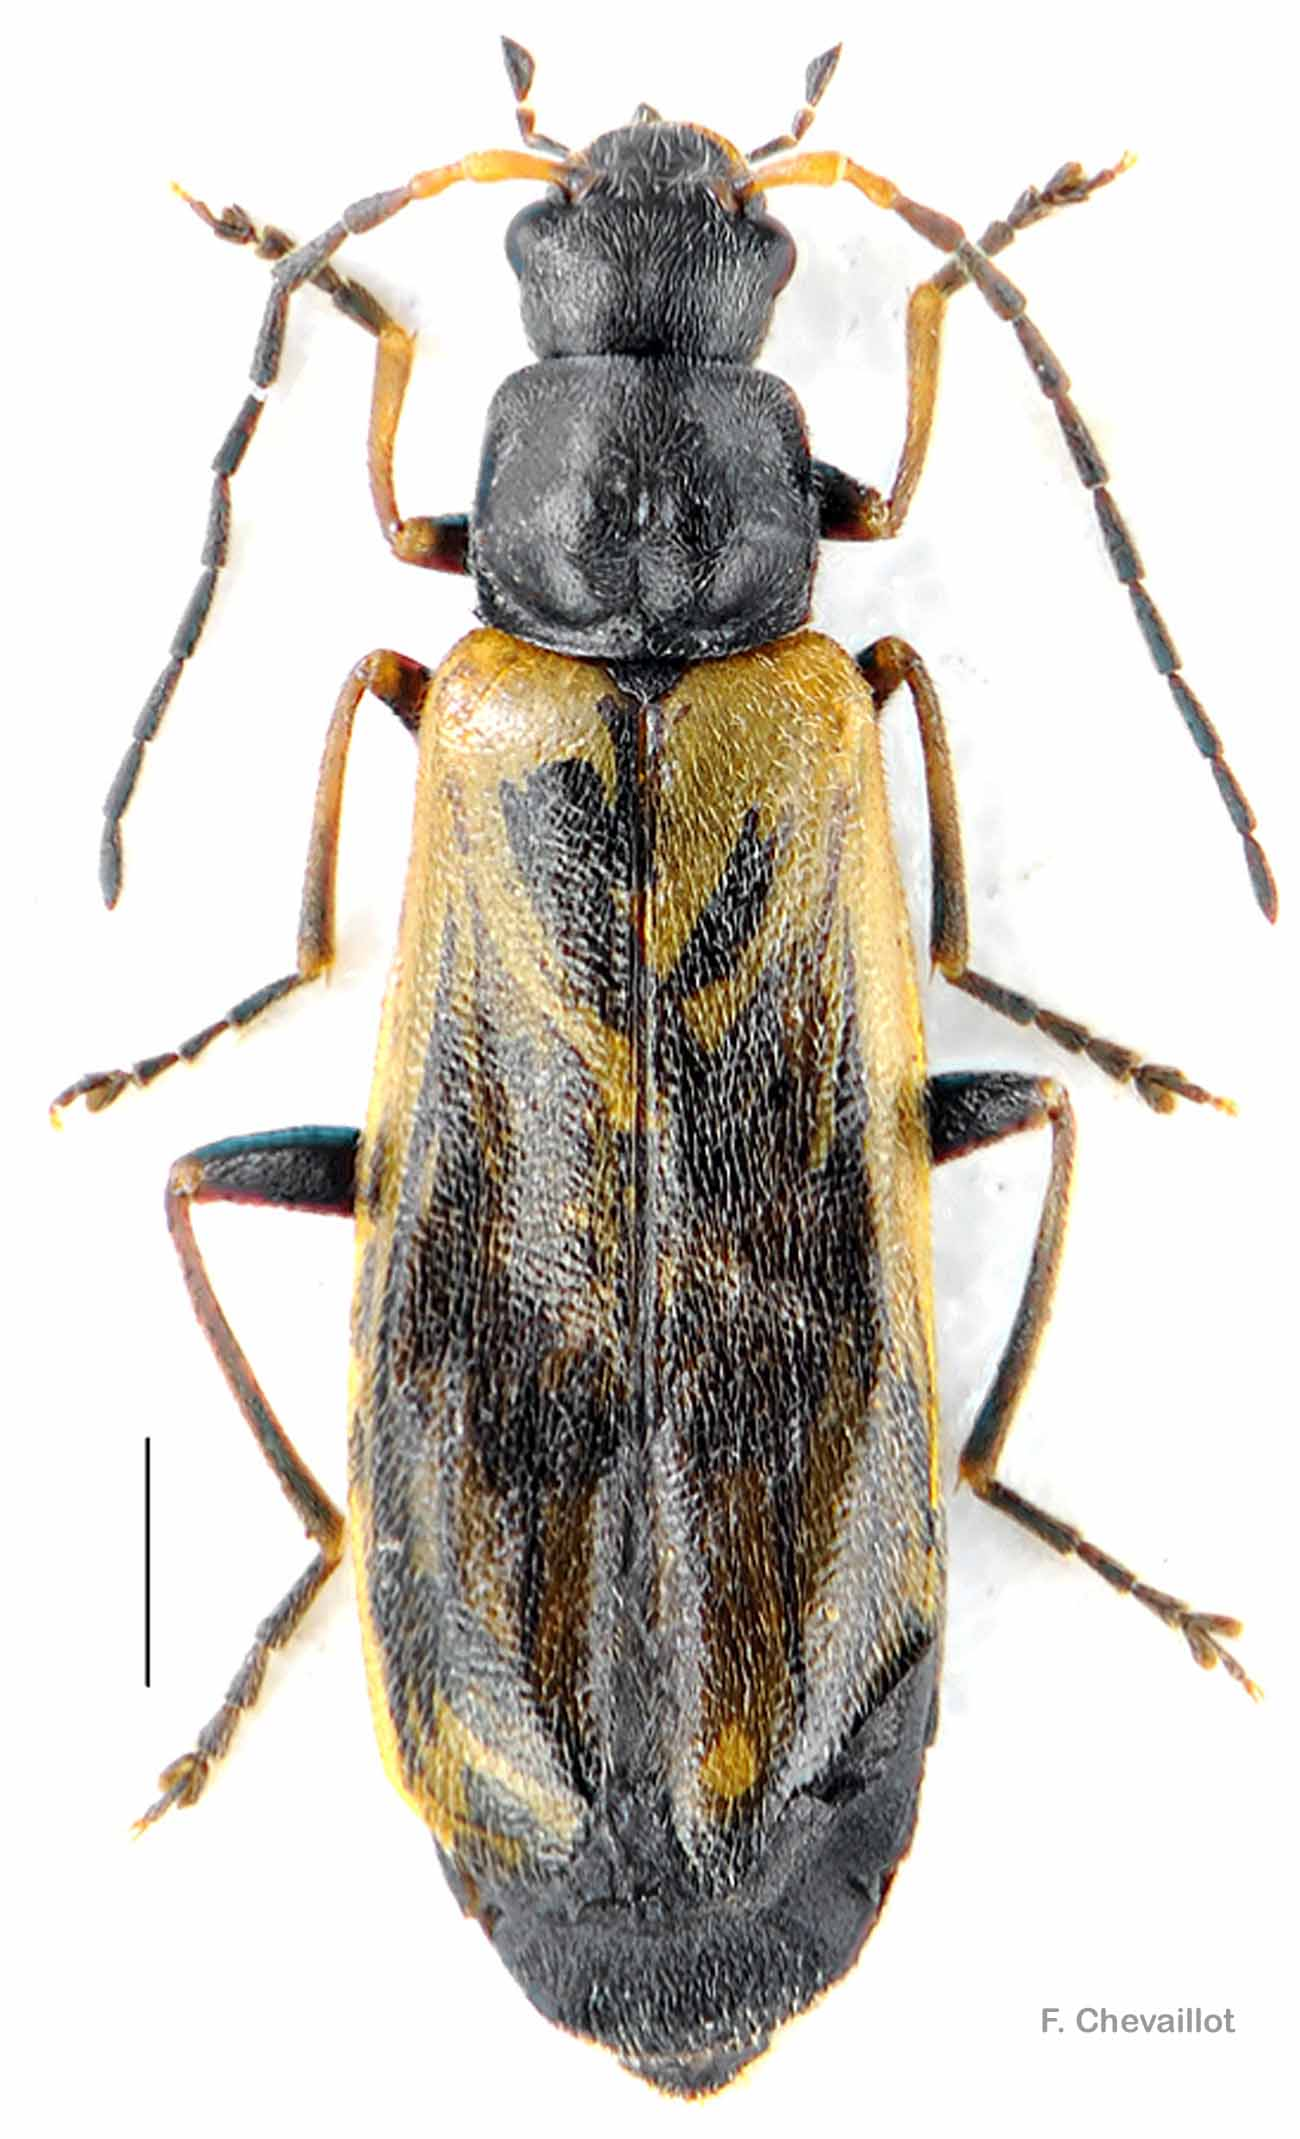 Rhagonycha nigriventris